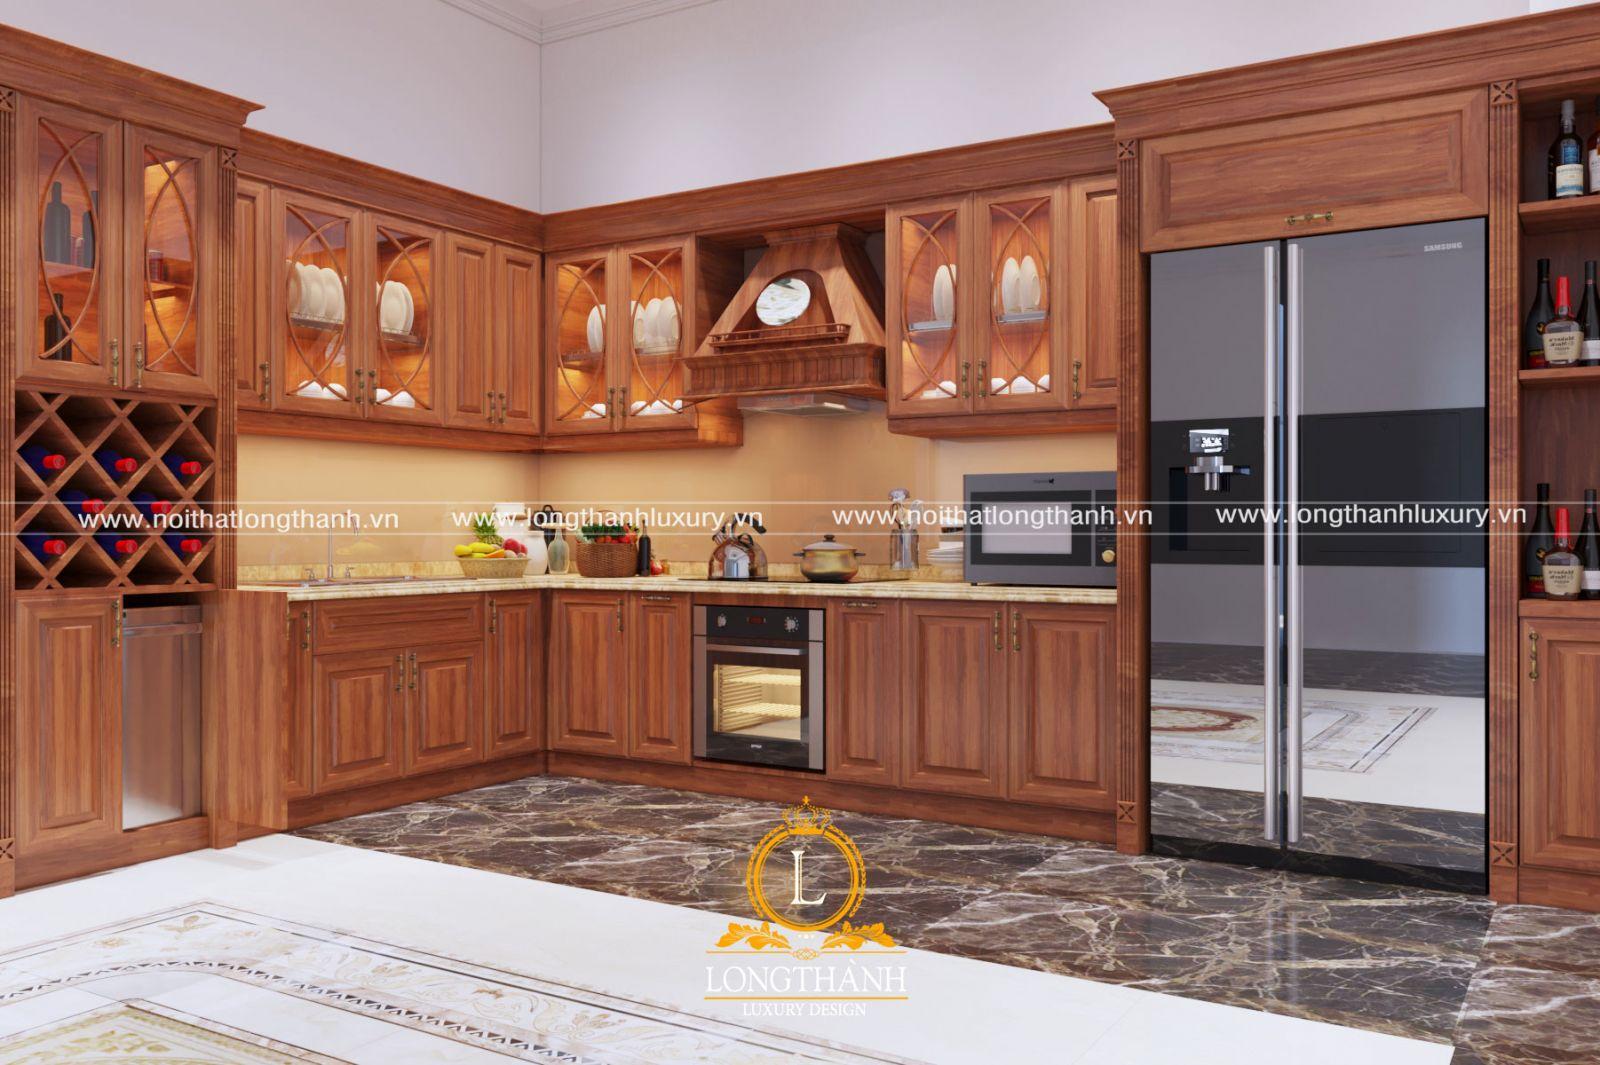 Bộ tủ bếp gỗ Gõ tự nhiên màu vàng được đánh giá hợp với người mệnh Hỏa